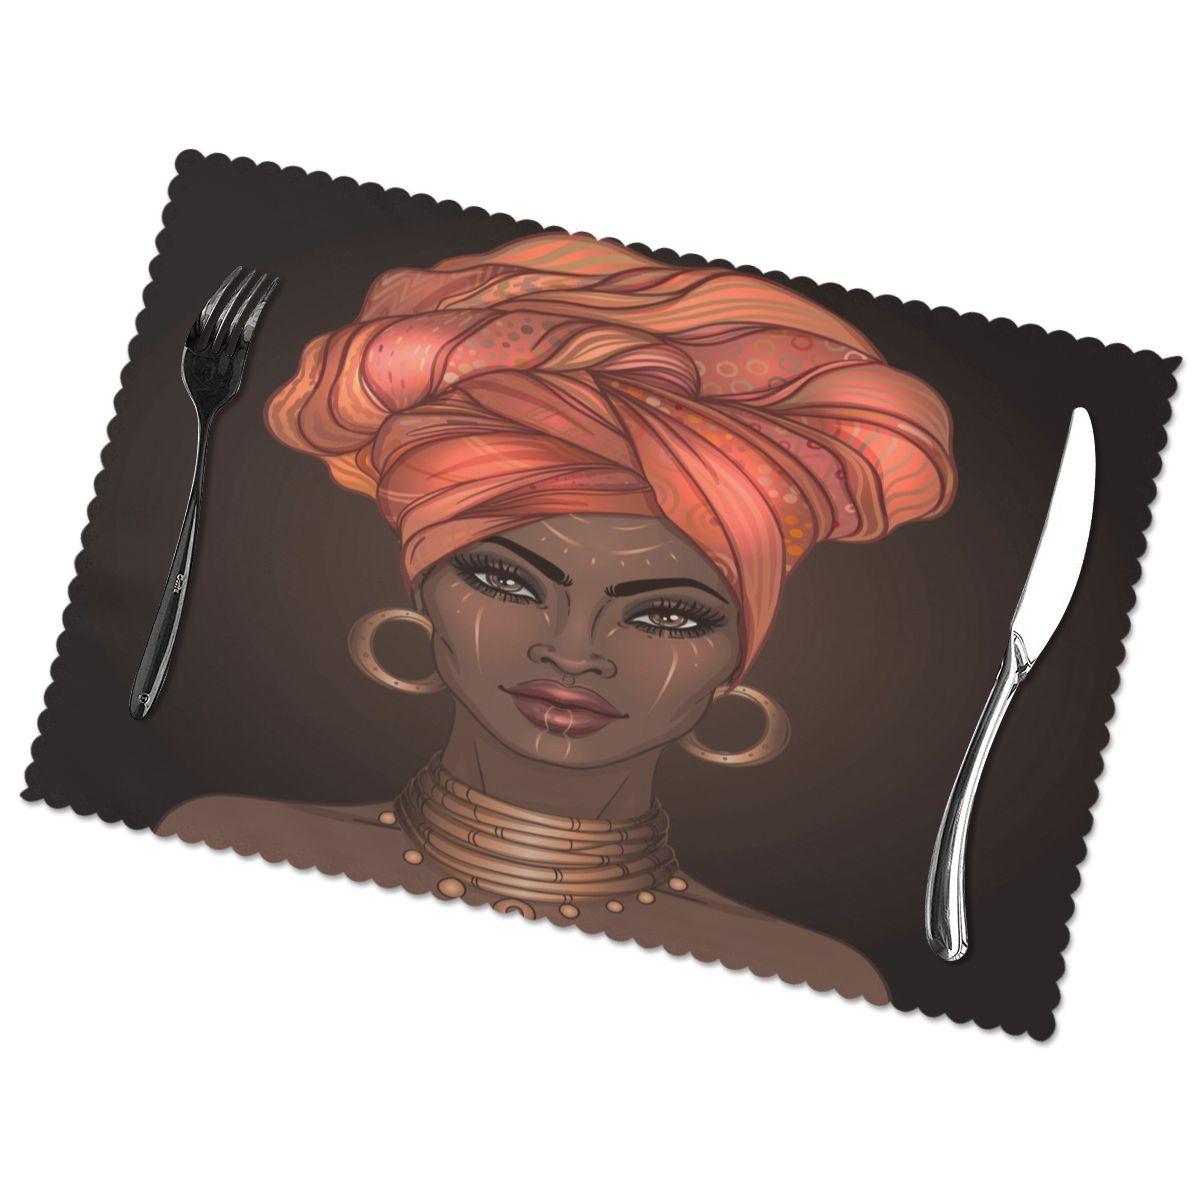 مجموعة من 6 المفارش فتاة جميلة من أصل أفريقي ل طاولة طعام مكان حصيرة في اكسسوارات المطبخ كأس النبيذ حصيرة